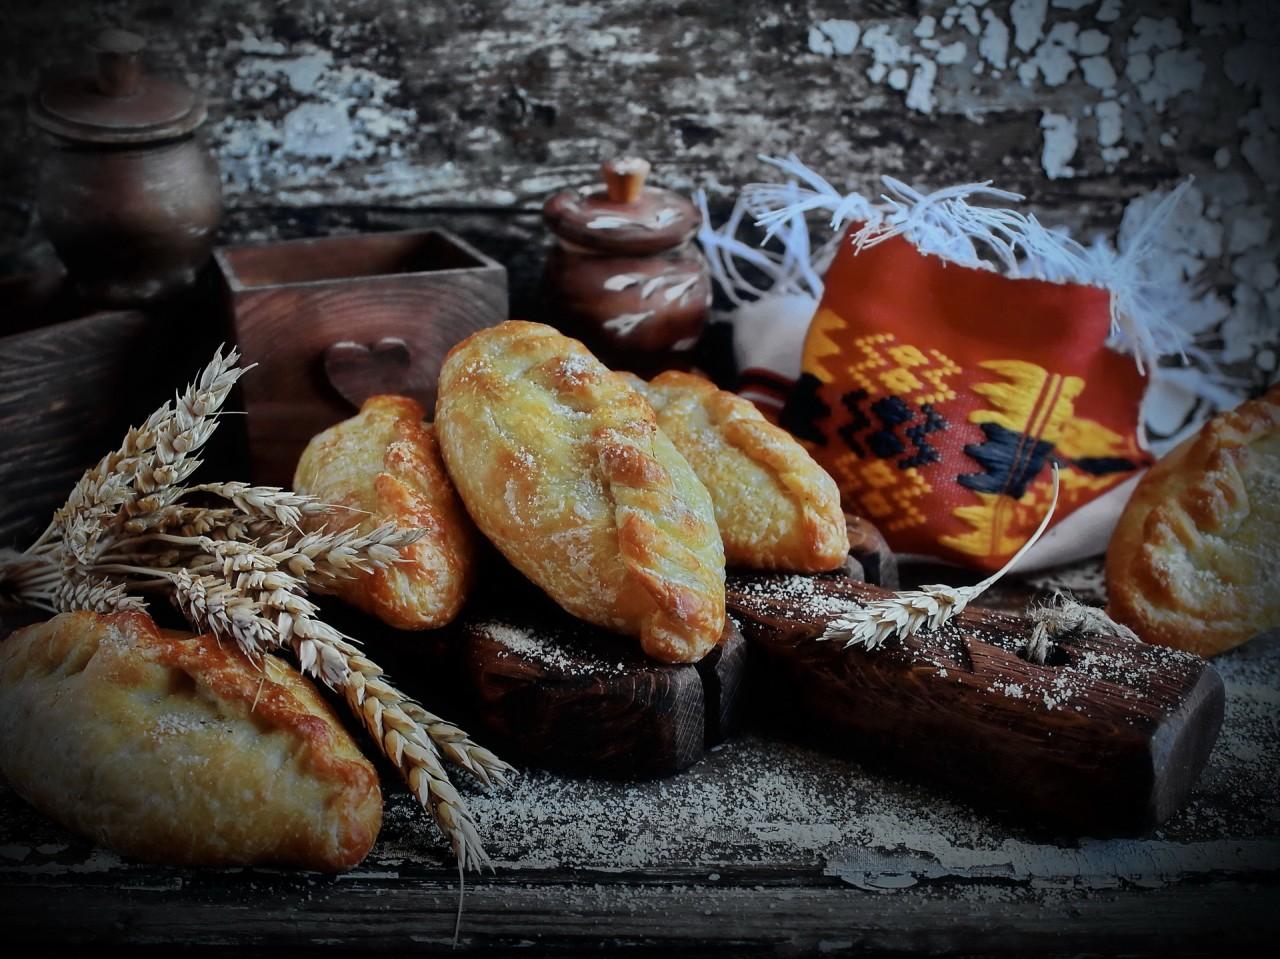 Кухня нагайбаков: блюда российского этноса, получившие международное признание